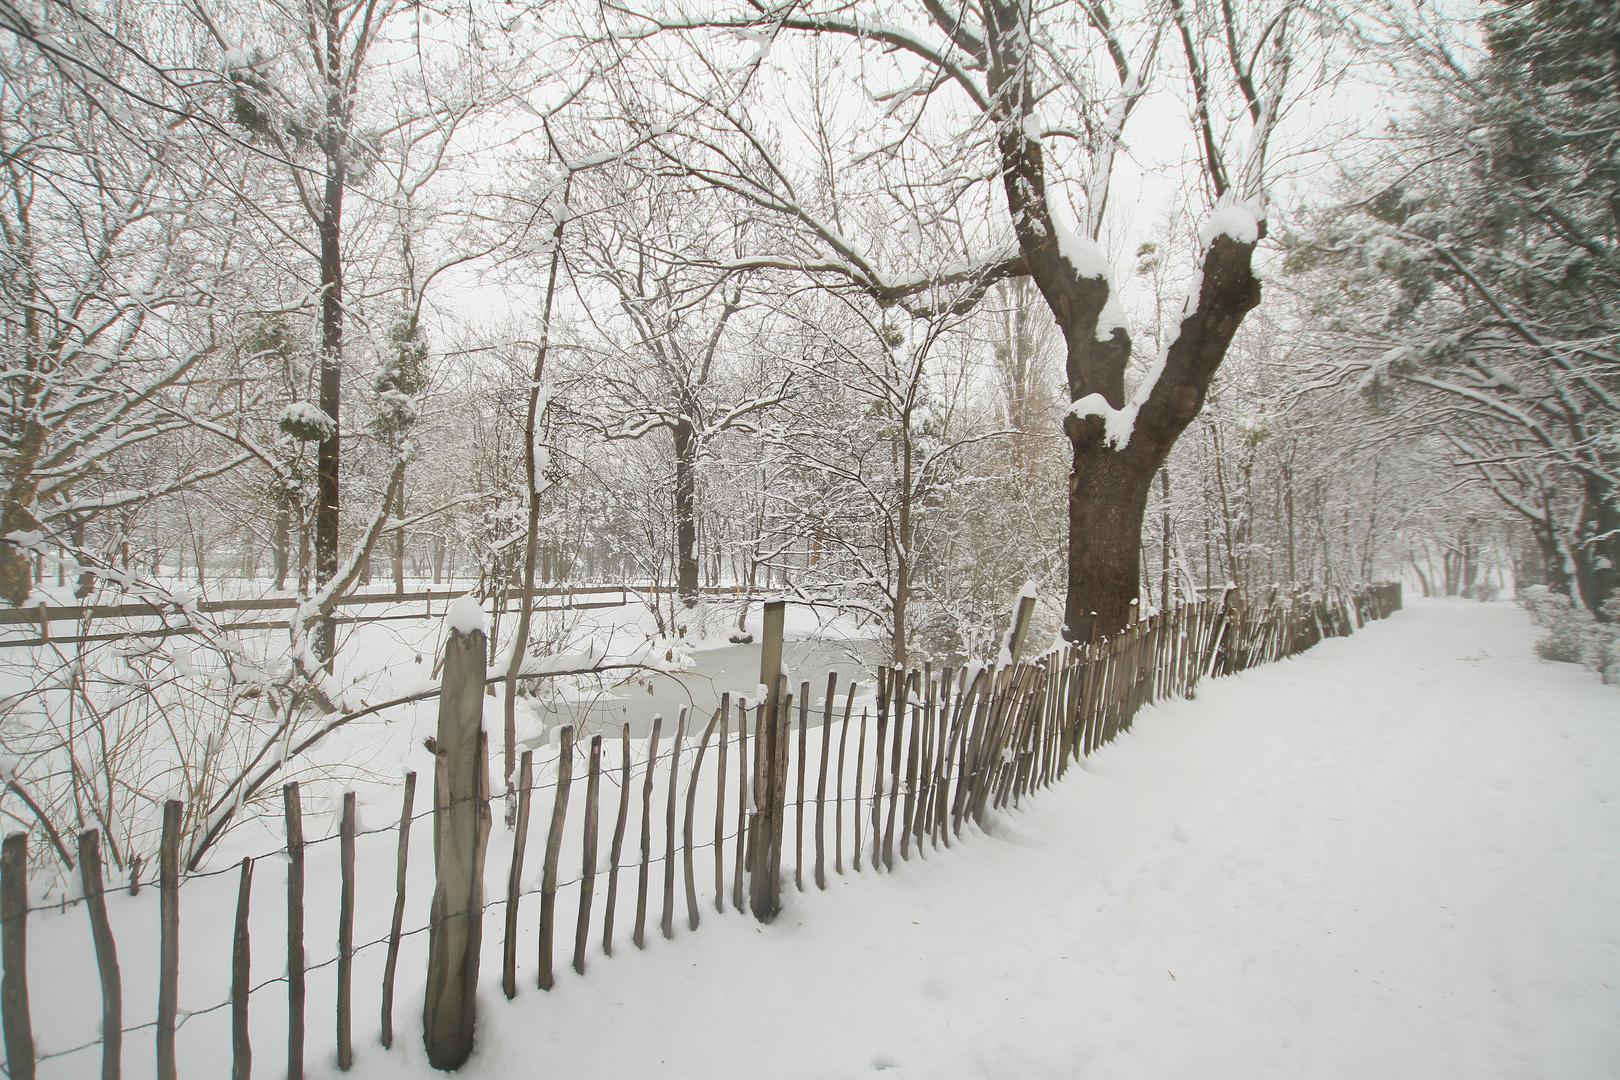 Winterzaun I